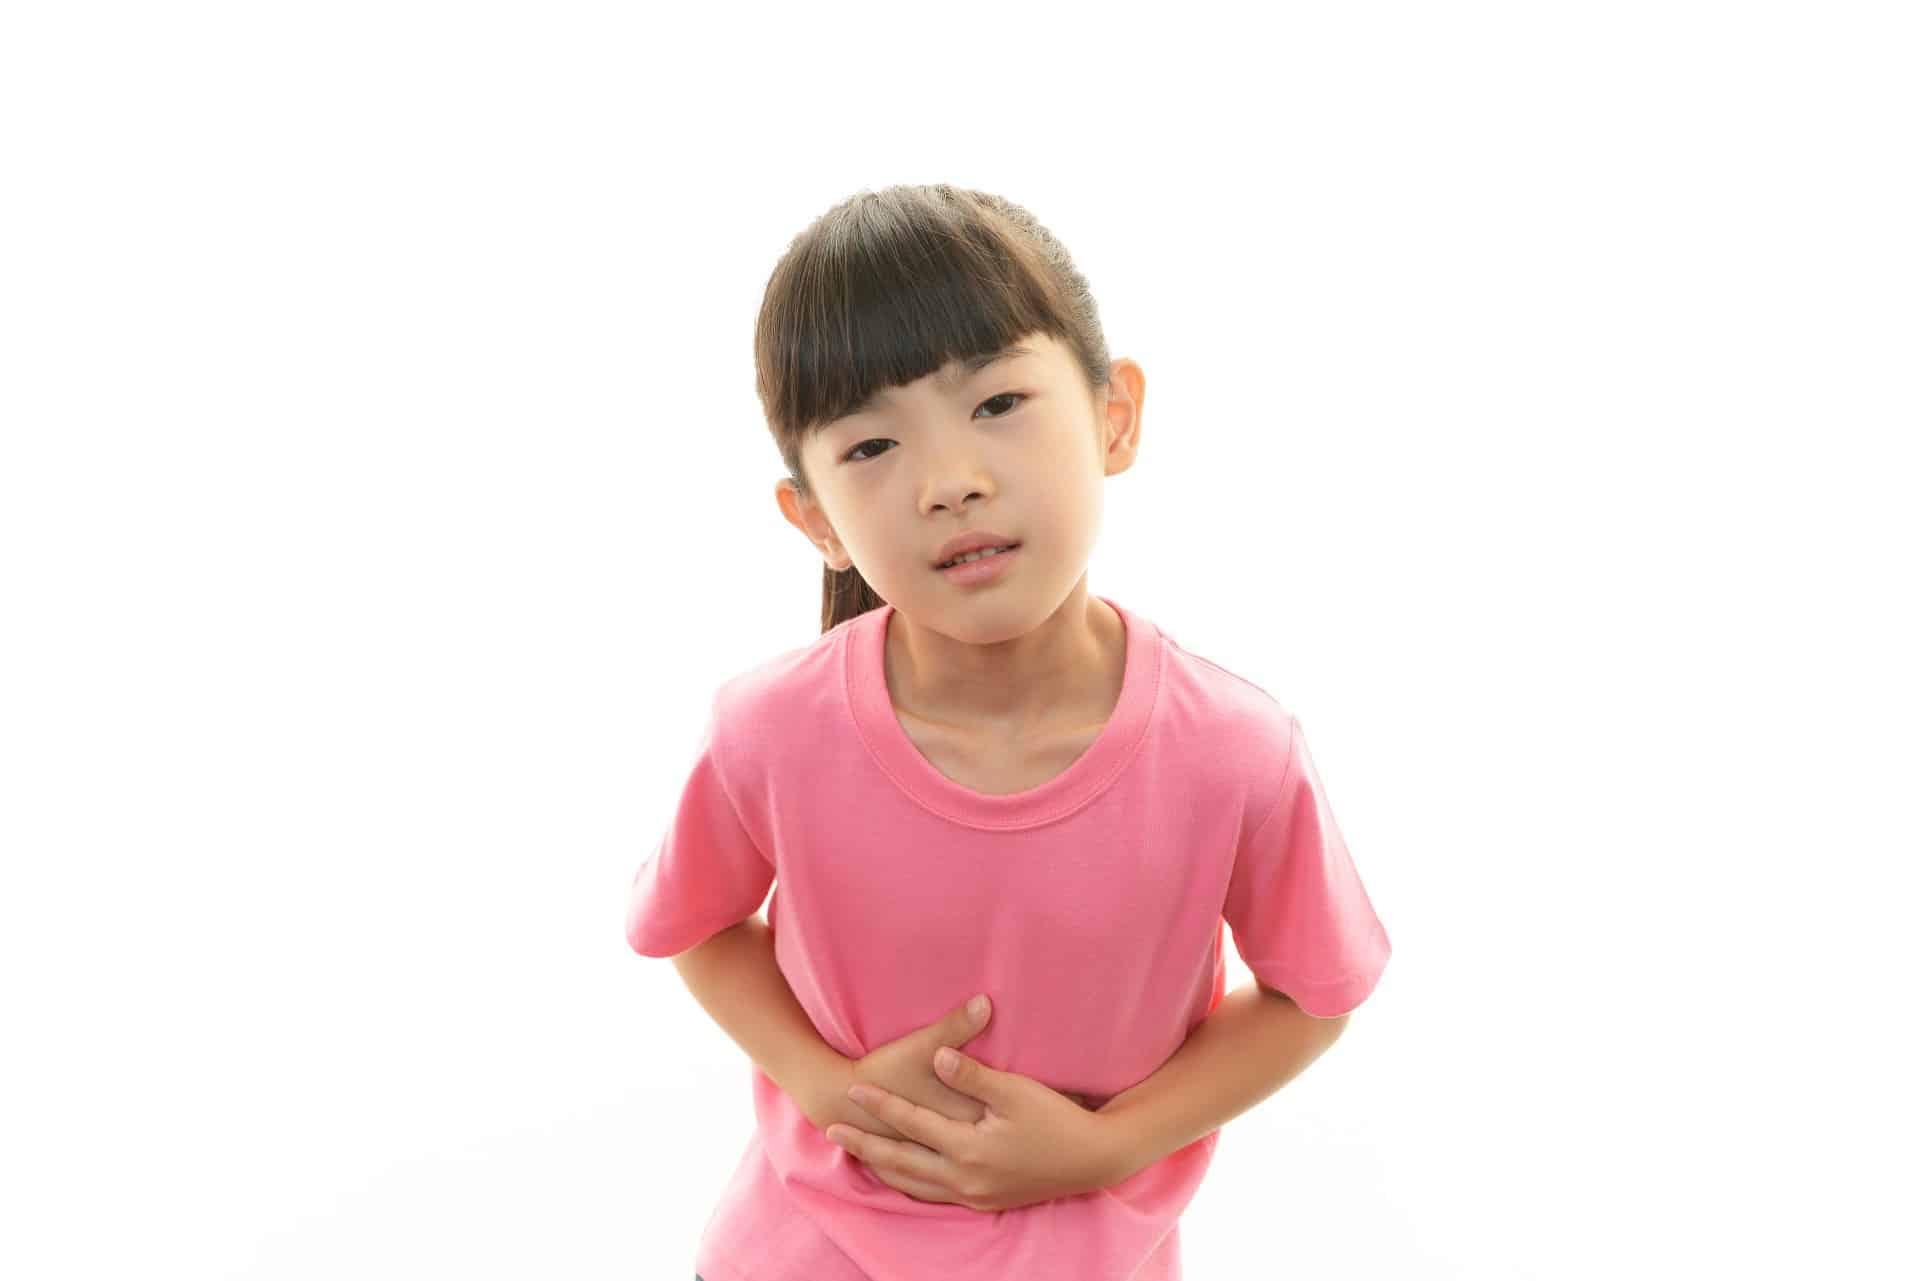 ألم البطن عند الاطفال وعلاجه بالأعشاب